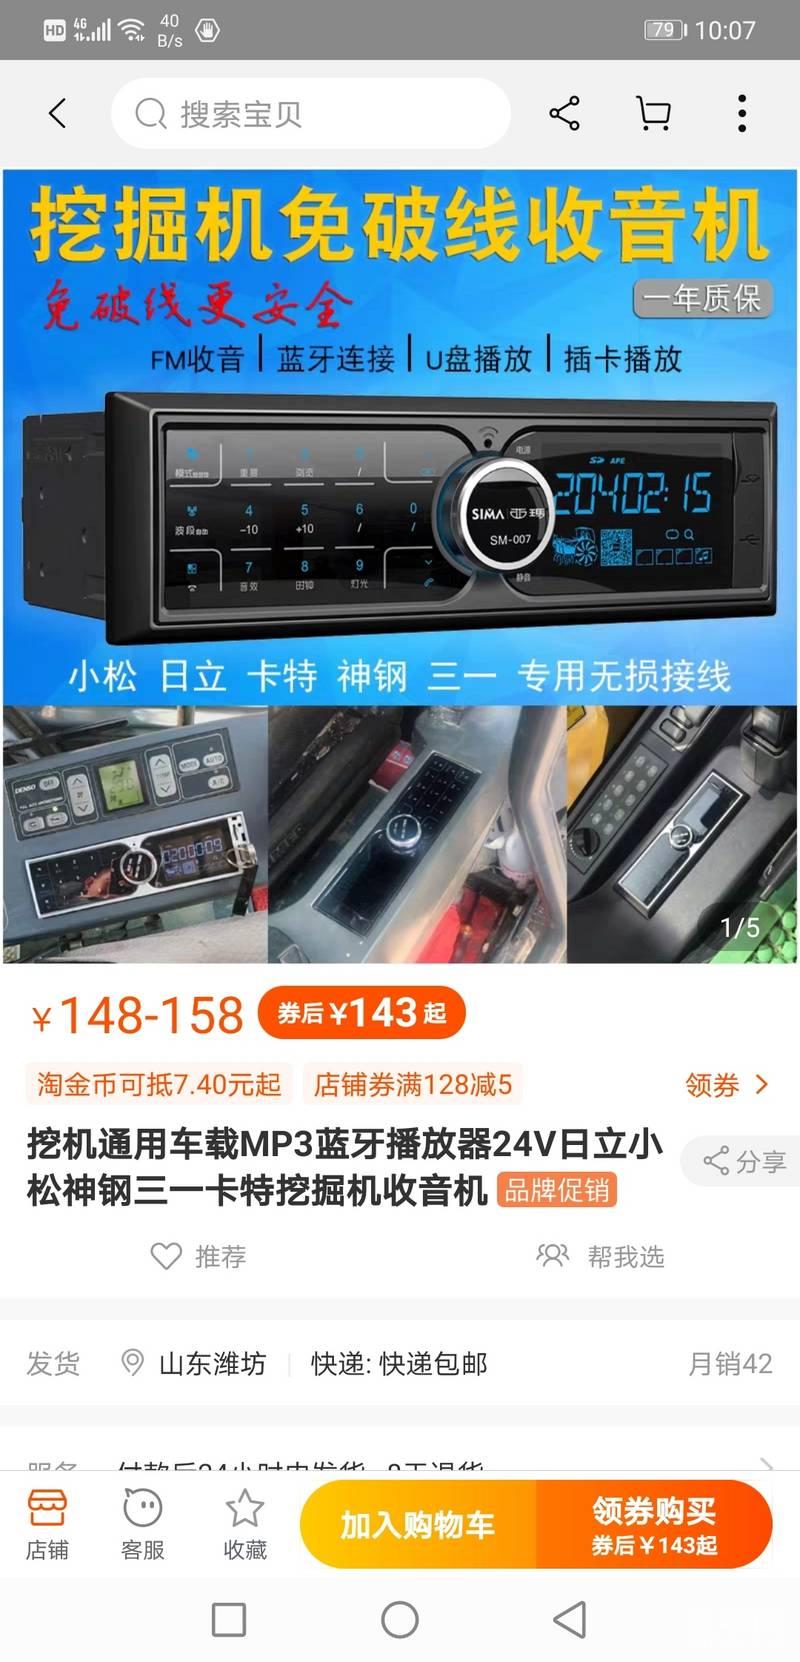 缺少收音机自己加装的,线束自己天线原厂自带,买来插上主机就可